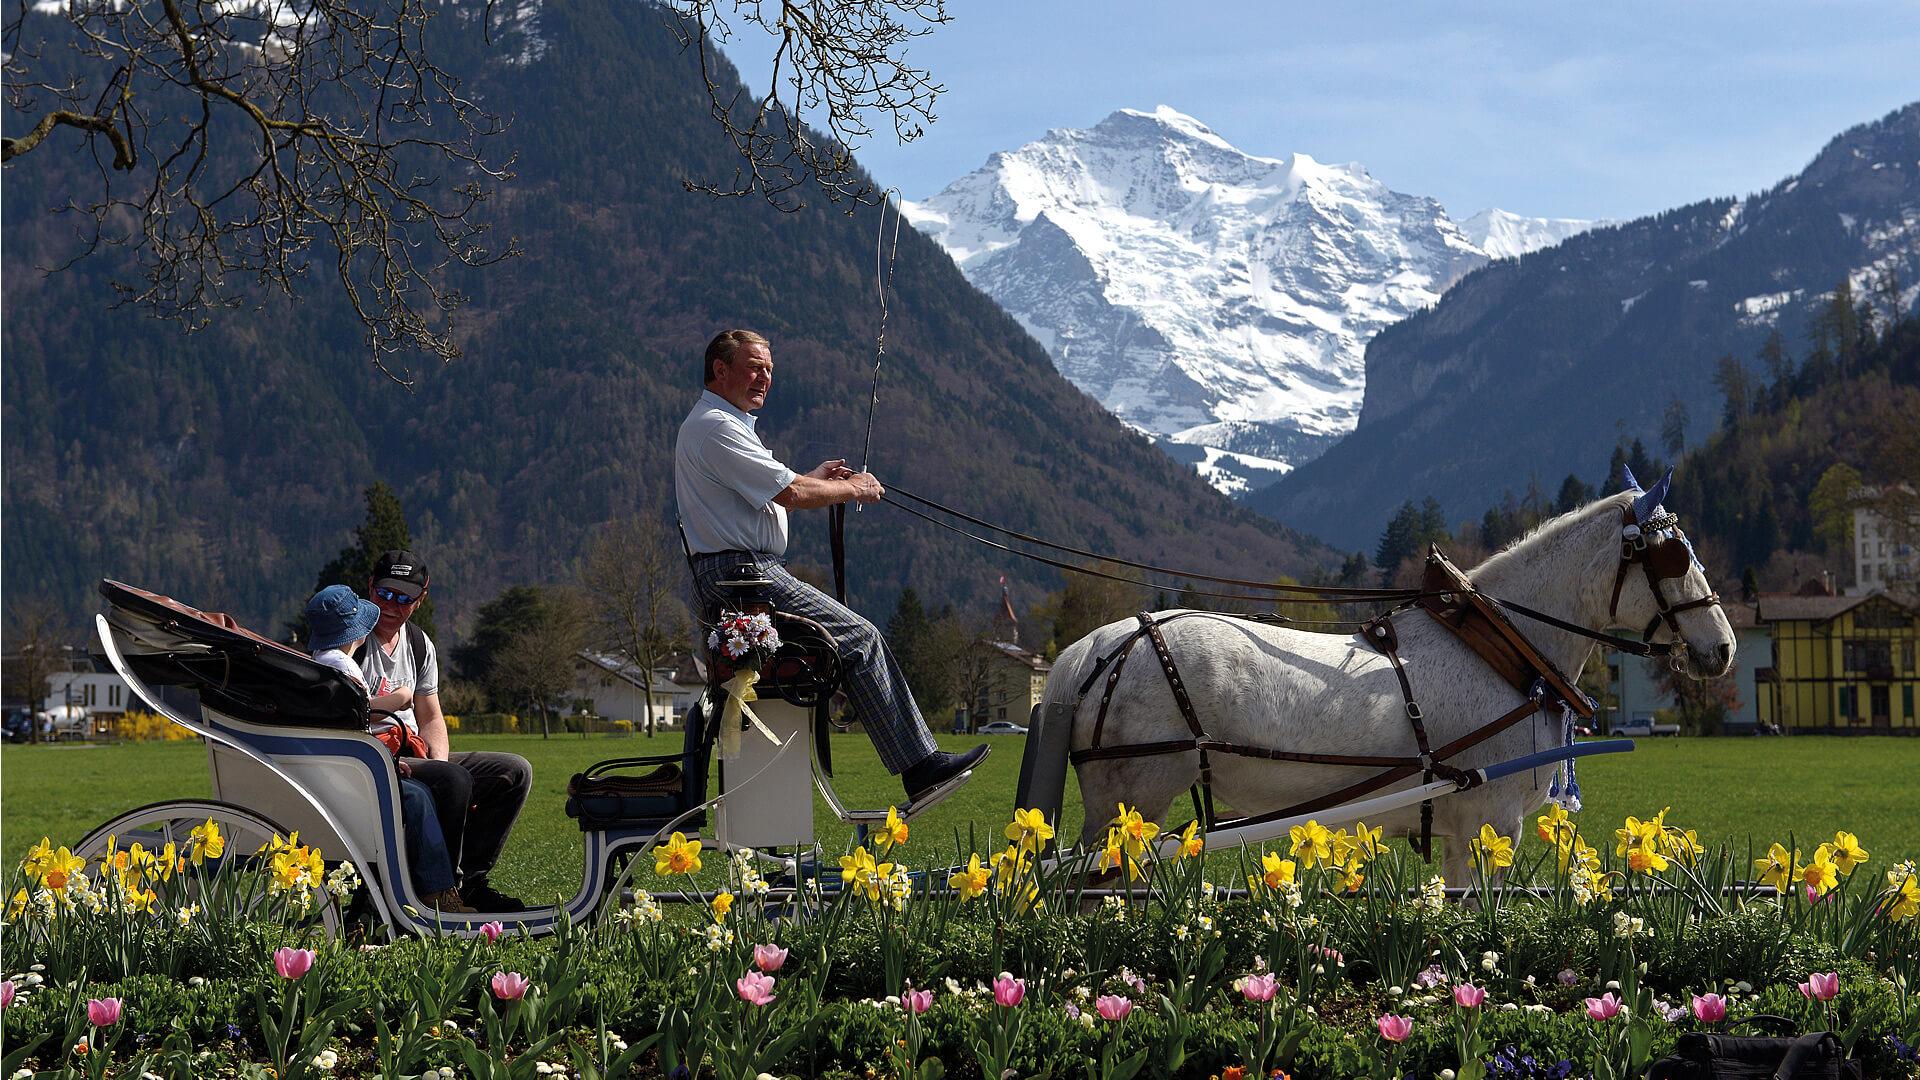 interlaken-reitschule-voegeli-pferde-kutsche-blumen